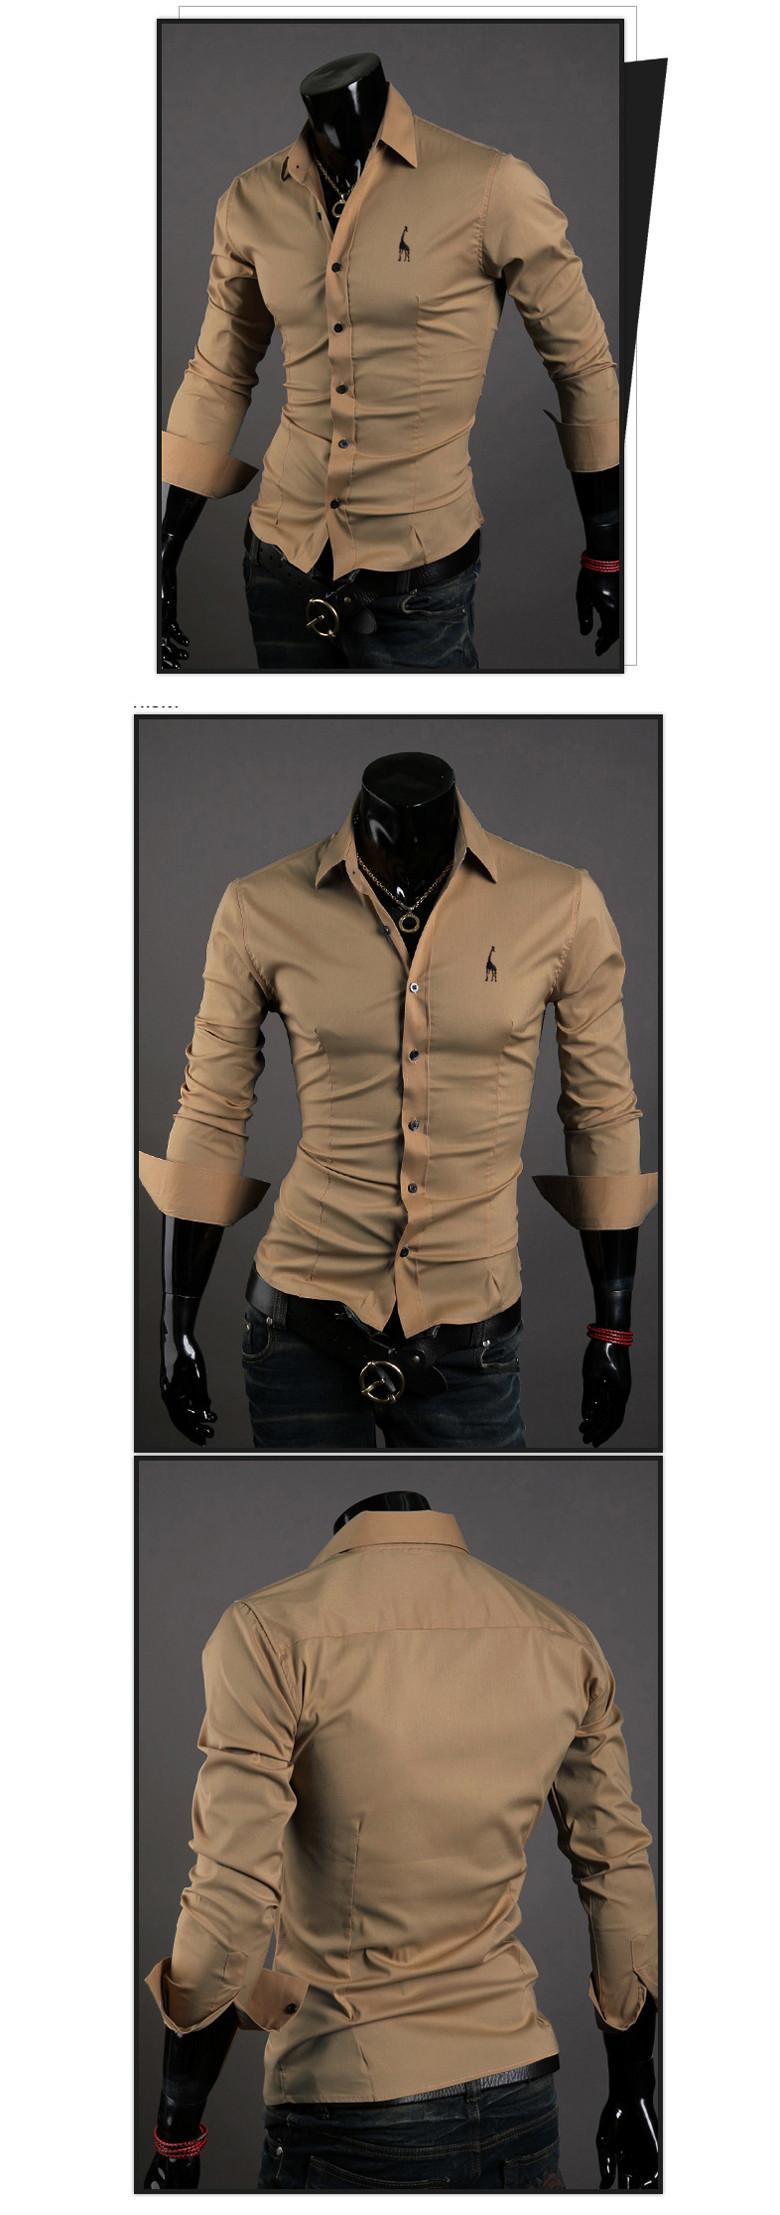 camisa social caqui, camisa social slim fit caqui, camisa social diferente, camisa social masculina